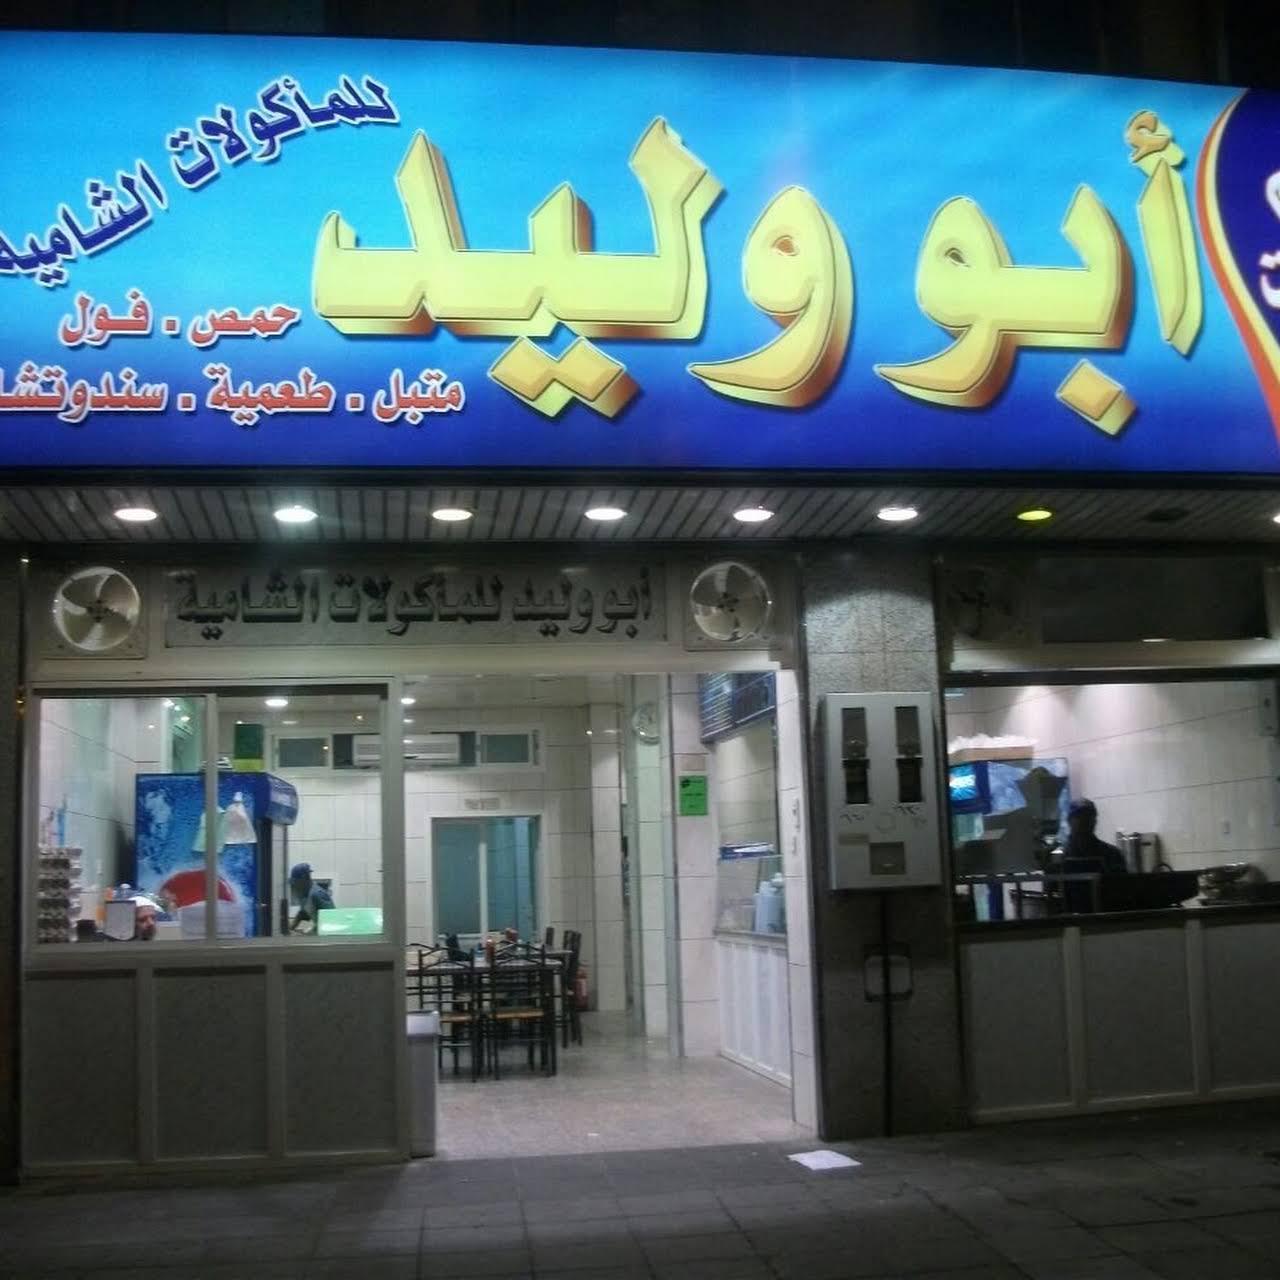 مطعم التوفيق أبو وليد للمأكولات الشامية